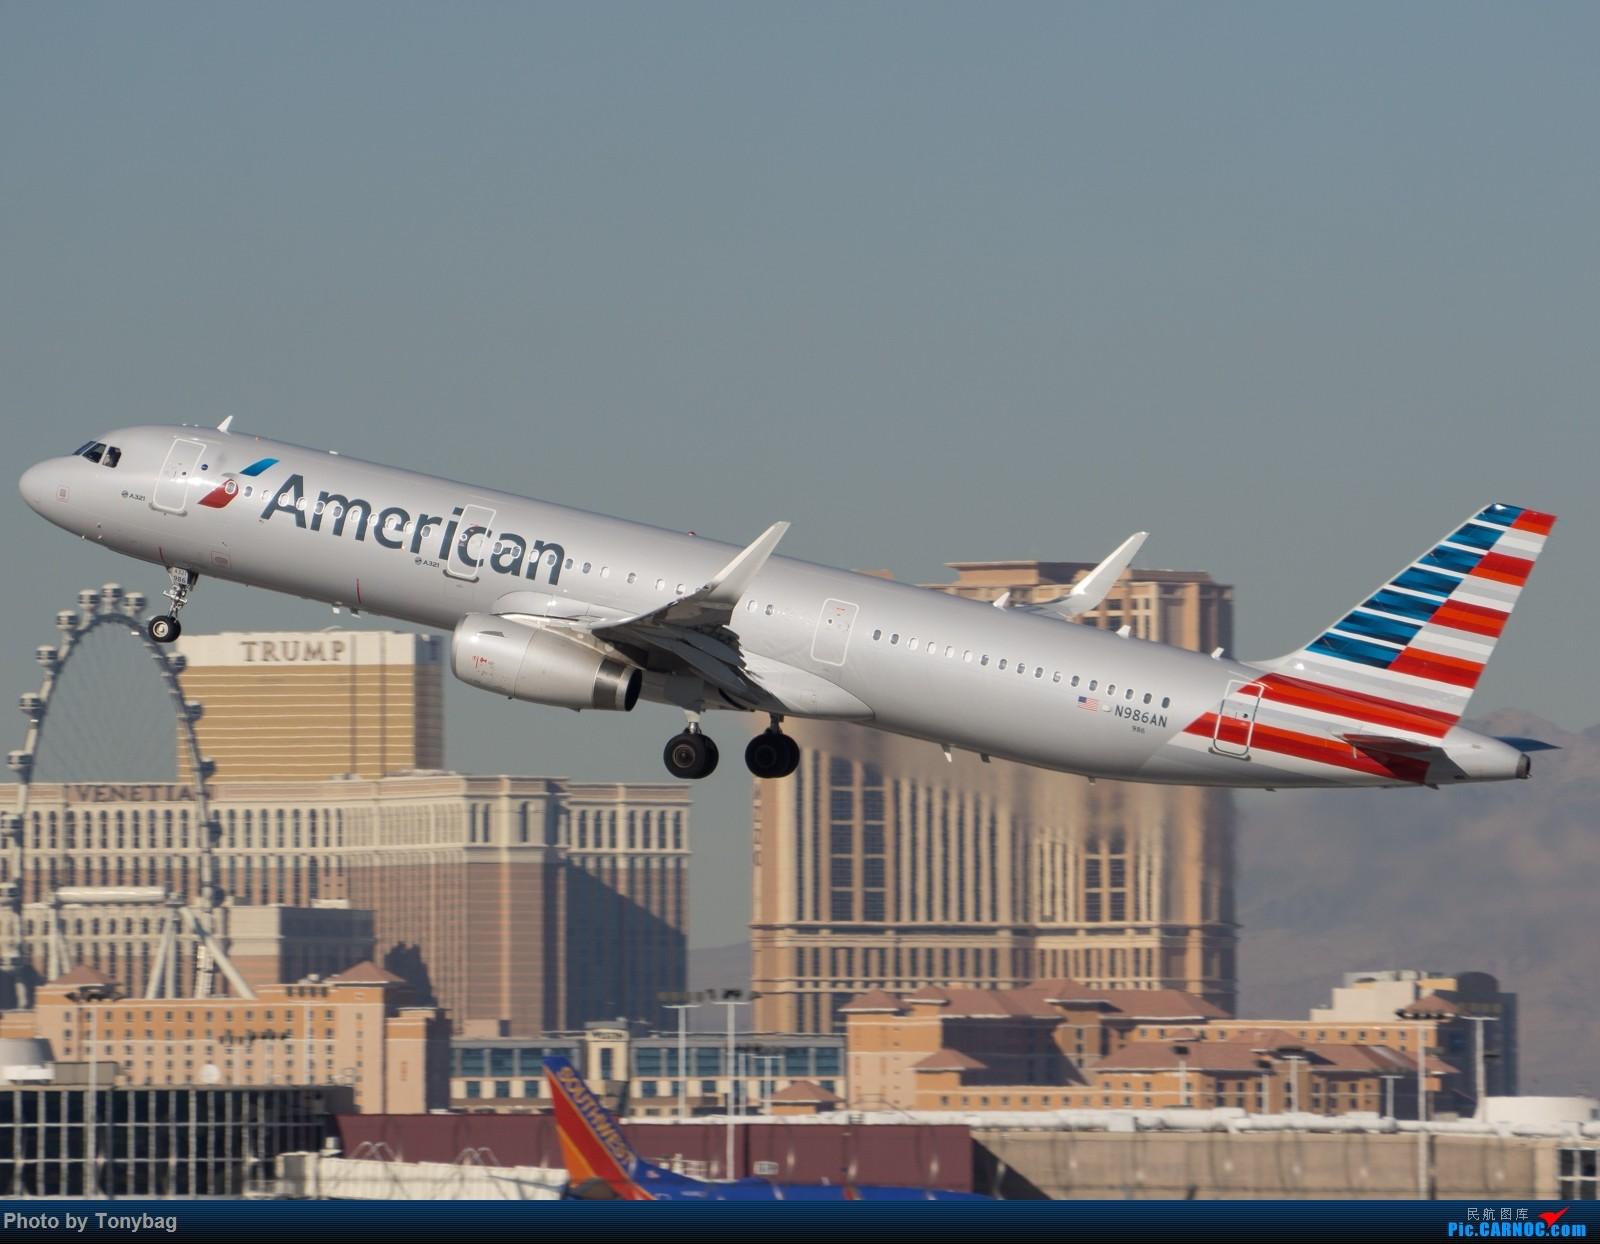 [原创]【LAS】AA321飞越川普酒店 AIRBUS A321-200 N986AN 拉斯维加斯麦卡伦国际机场